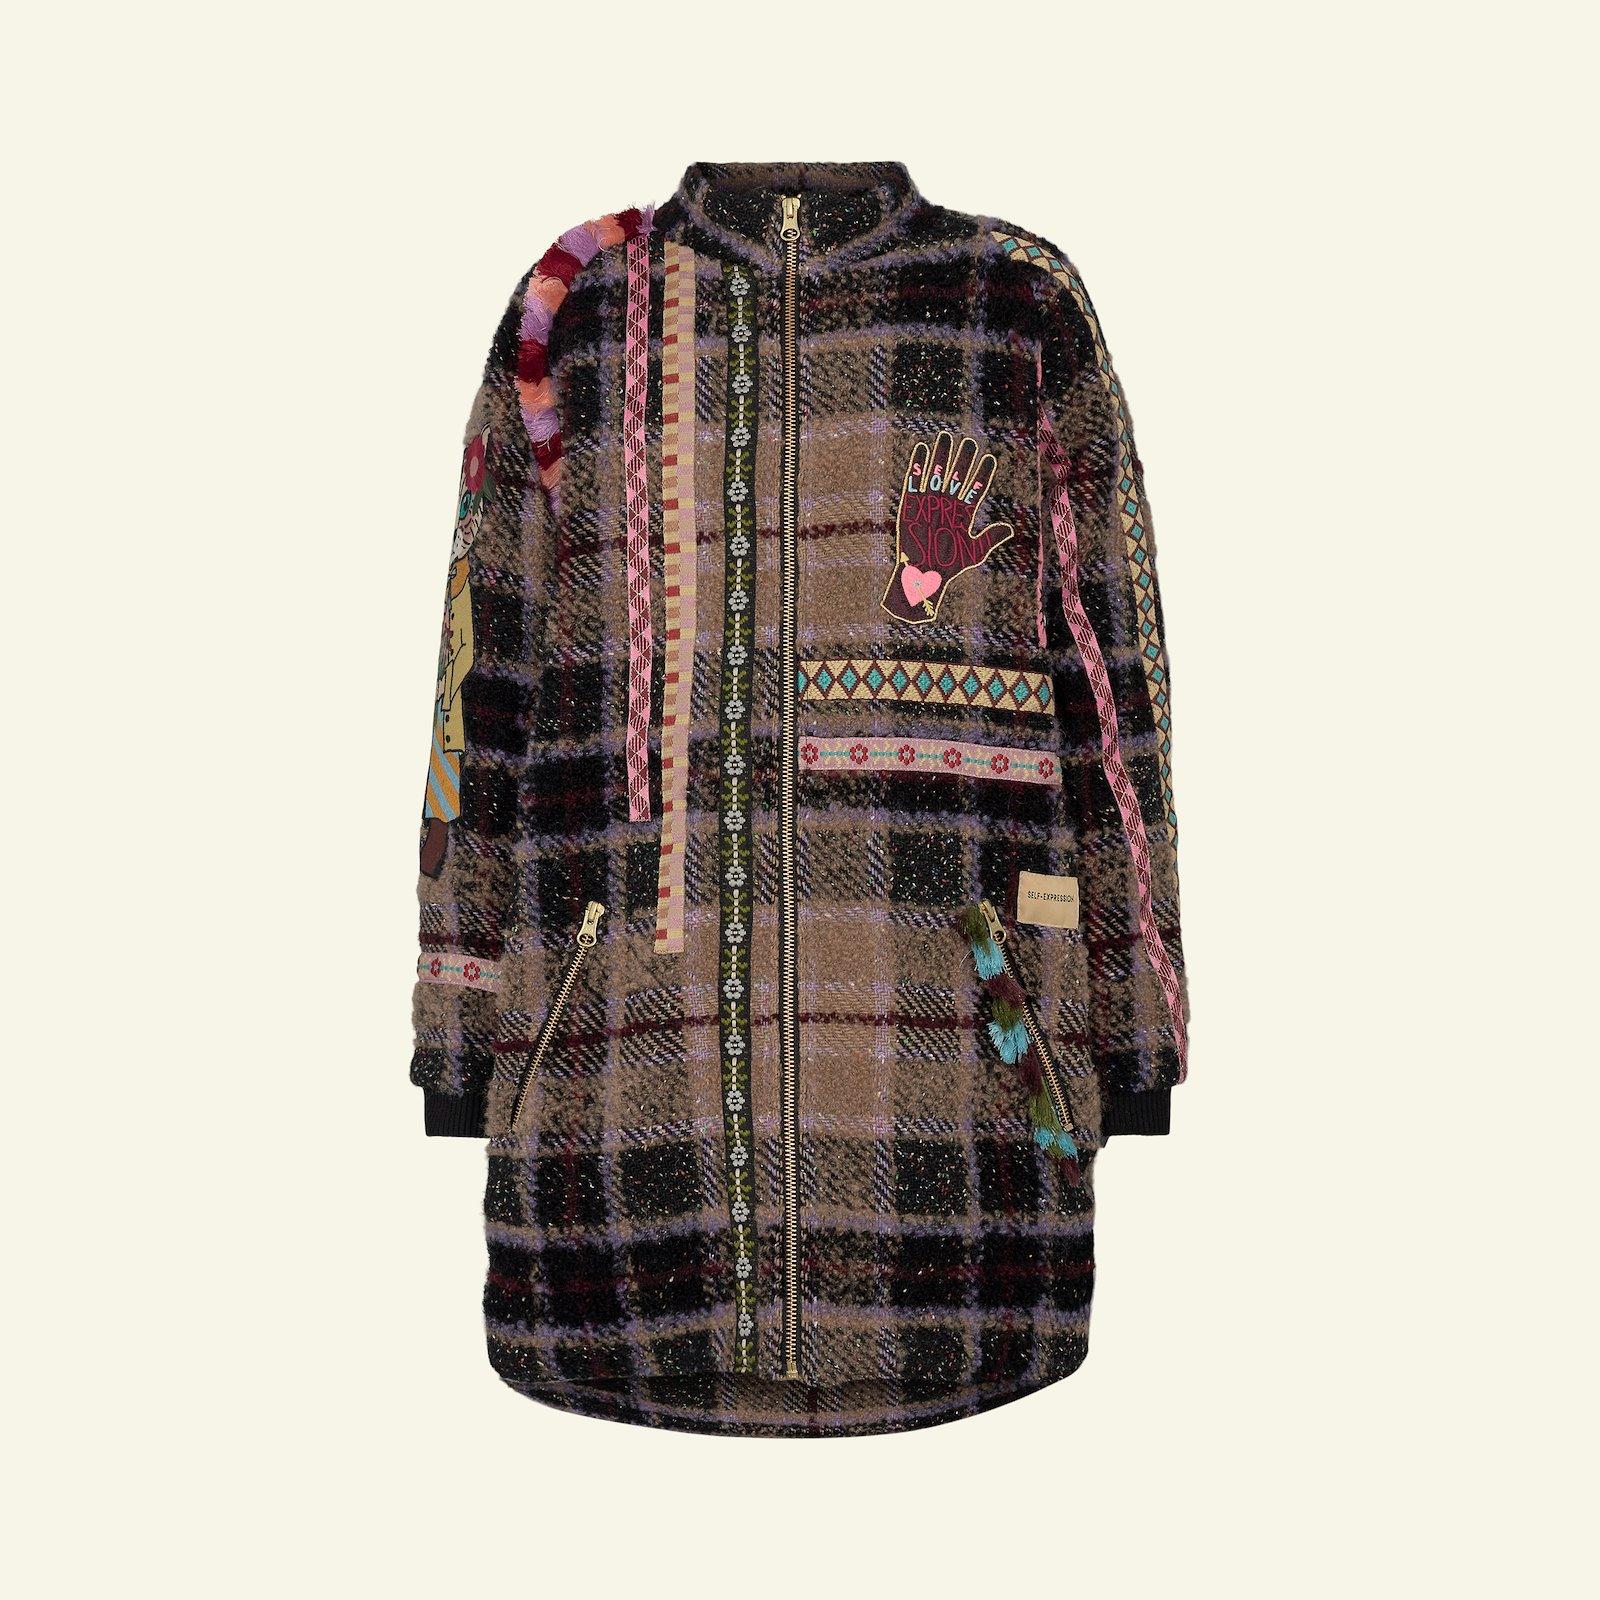 Jacket with raglan sleeves, 122/7y p64019_300228_3243_22399_22409_22410_22364_22411_22402_22360_22362_24842_24839_sskit